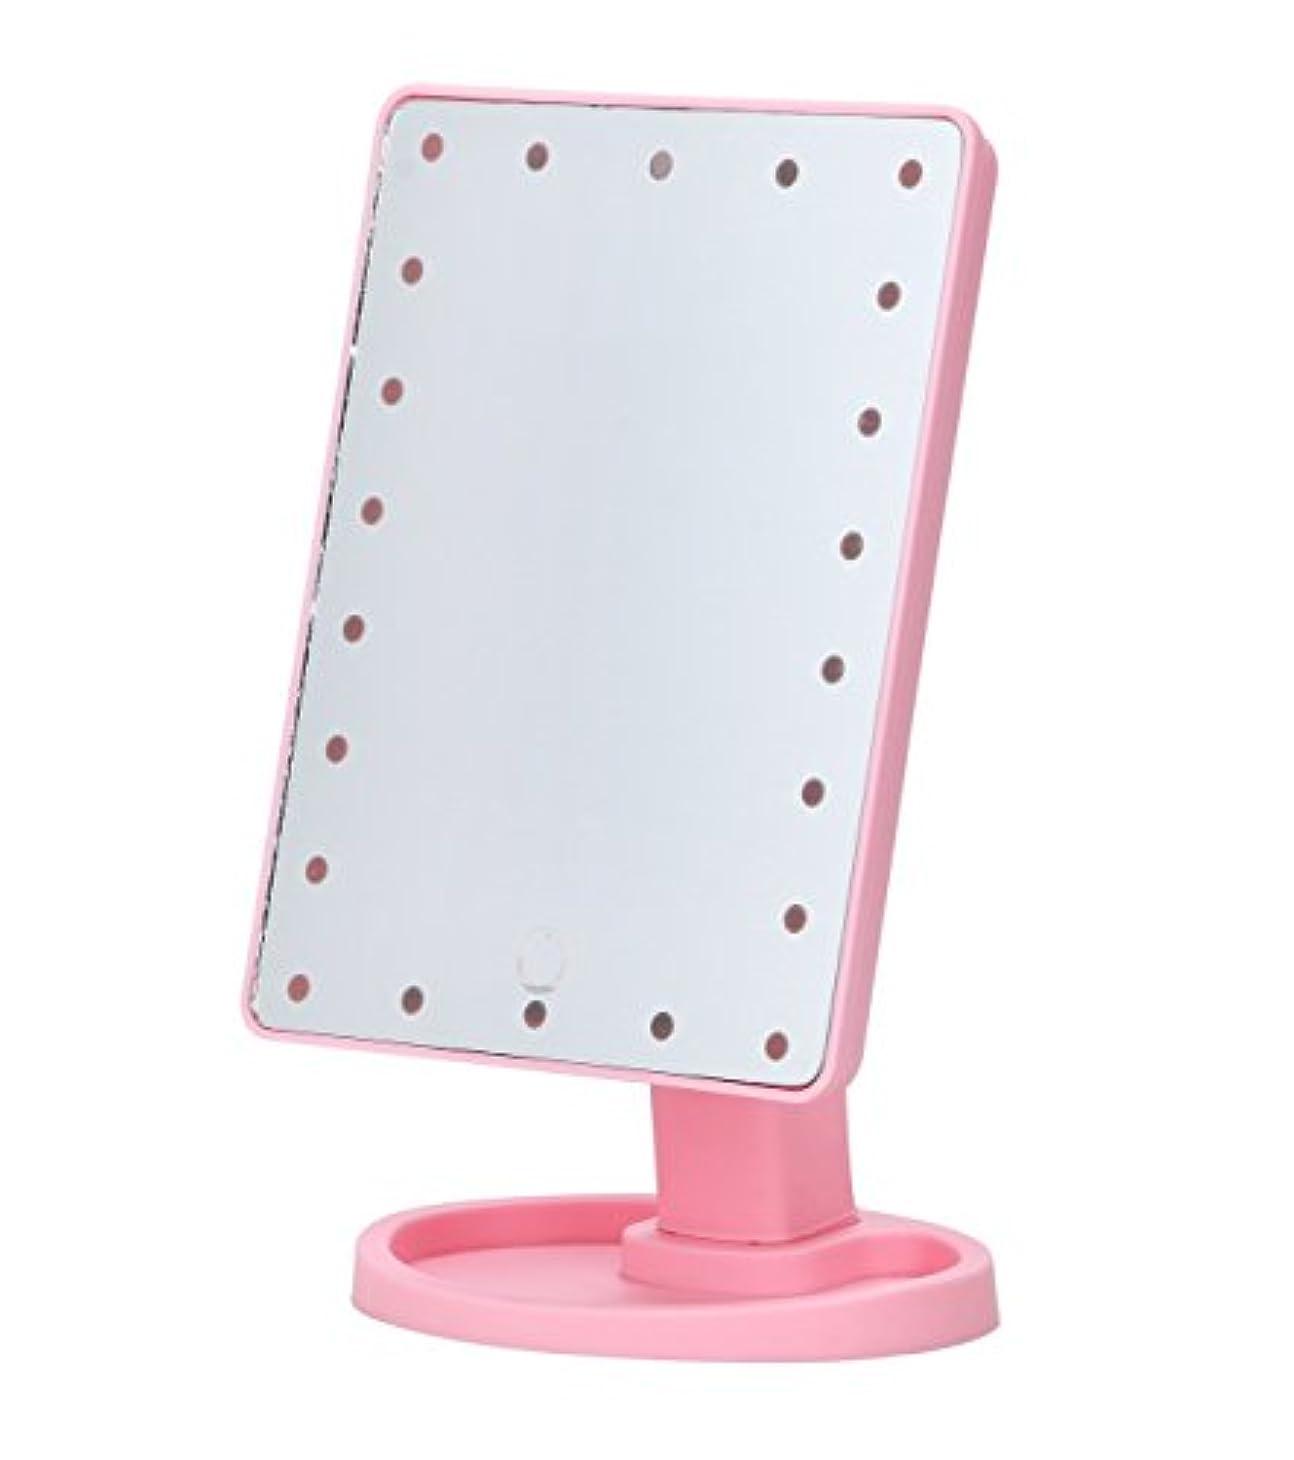 ミリメートル喪いいねほうねん堂 卓上ミラー 22LED 角型 スタンドミラー 化粧鏡 メイクアップ 180度回転 電源 2通り USB電源 単三電池 (ピンク)